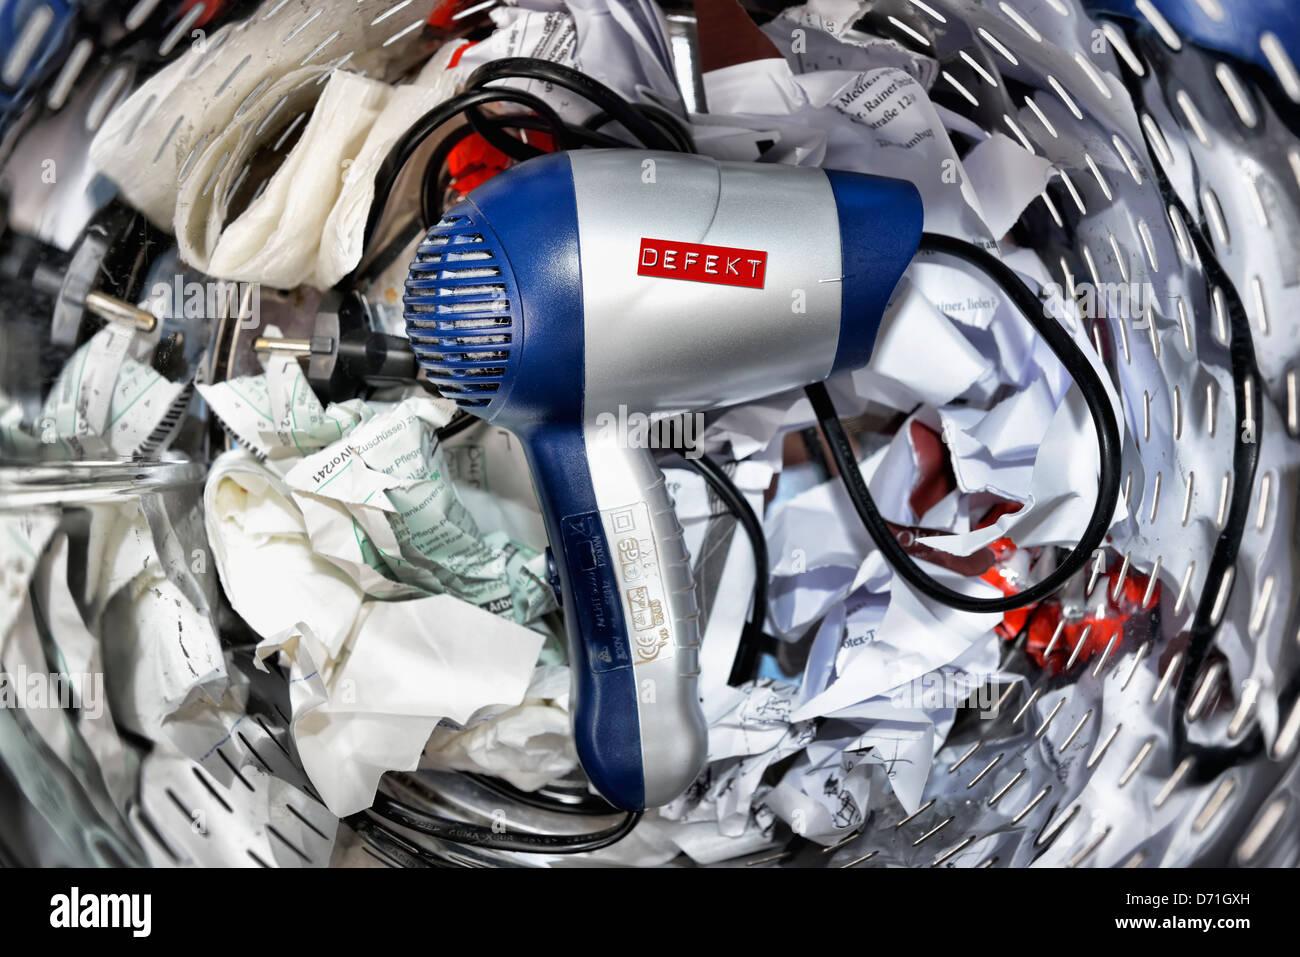 Asciugacapelli difettoso nel cestino della carta straccia, simbolico foto indossando le parti in apparecchi elettrici Immagini Stock